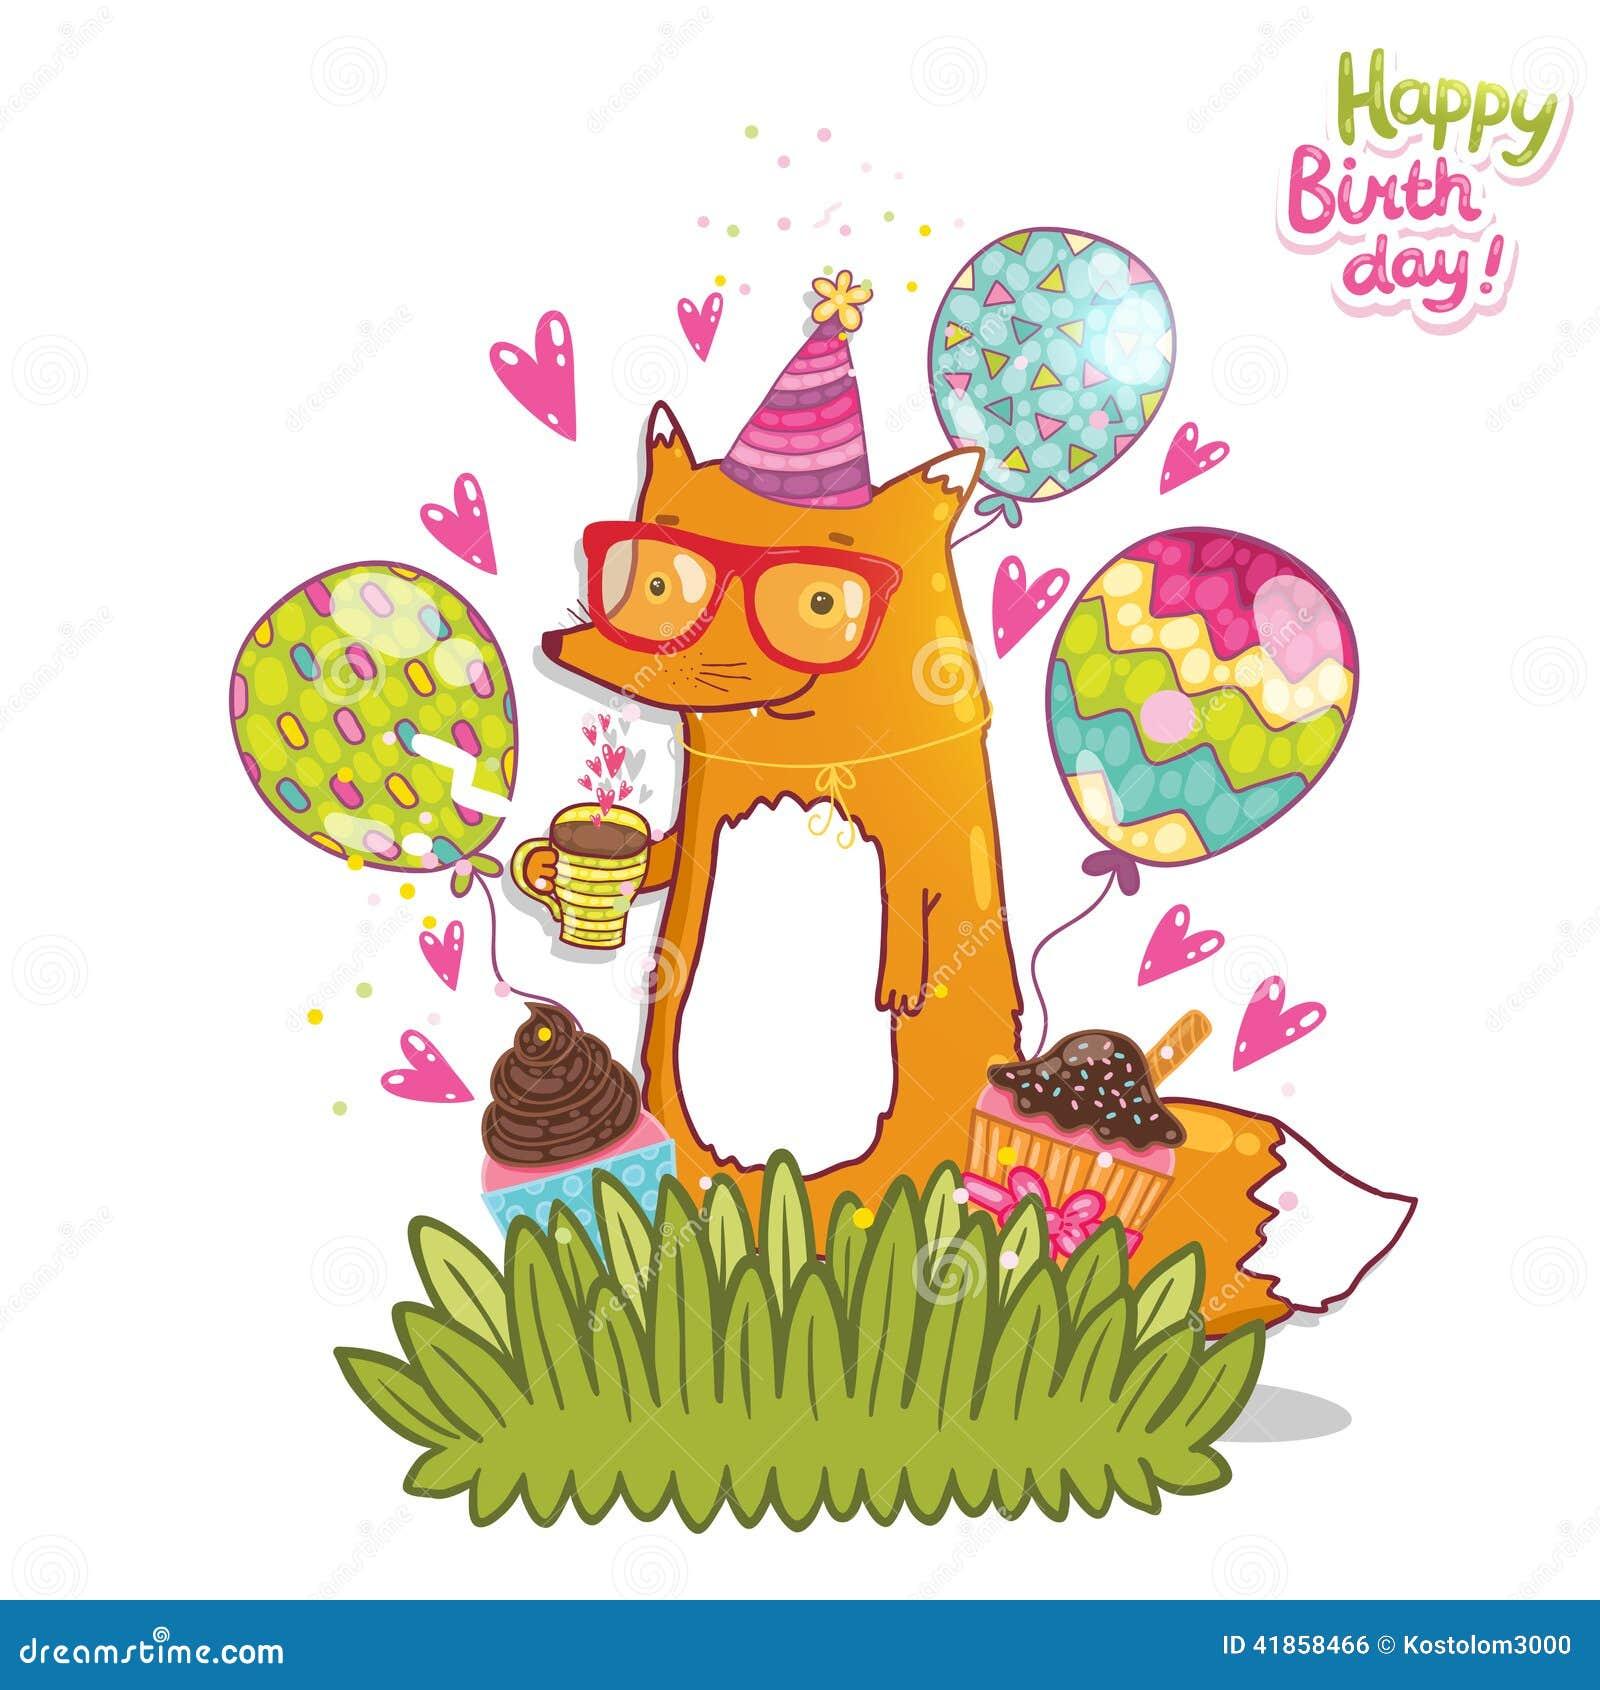 Поздравления с днем рождения желаю норковую шубу